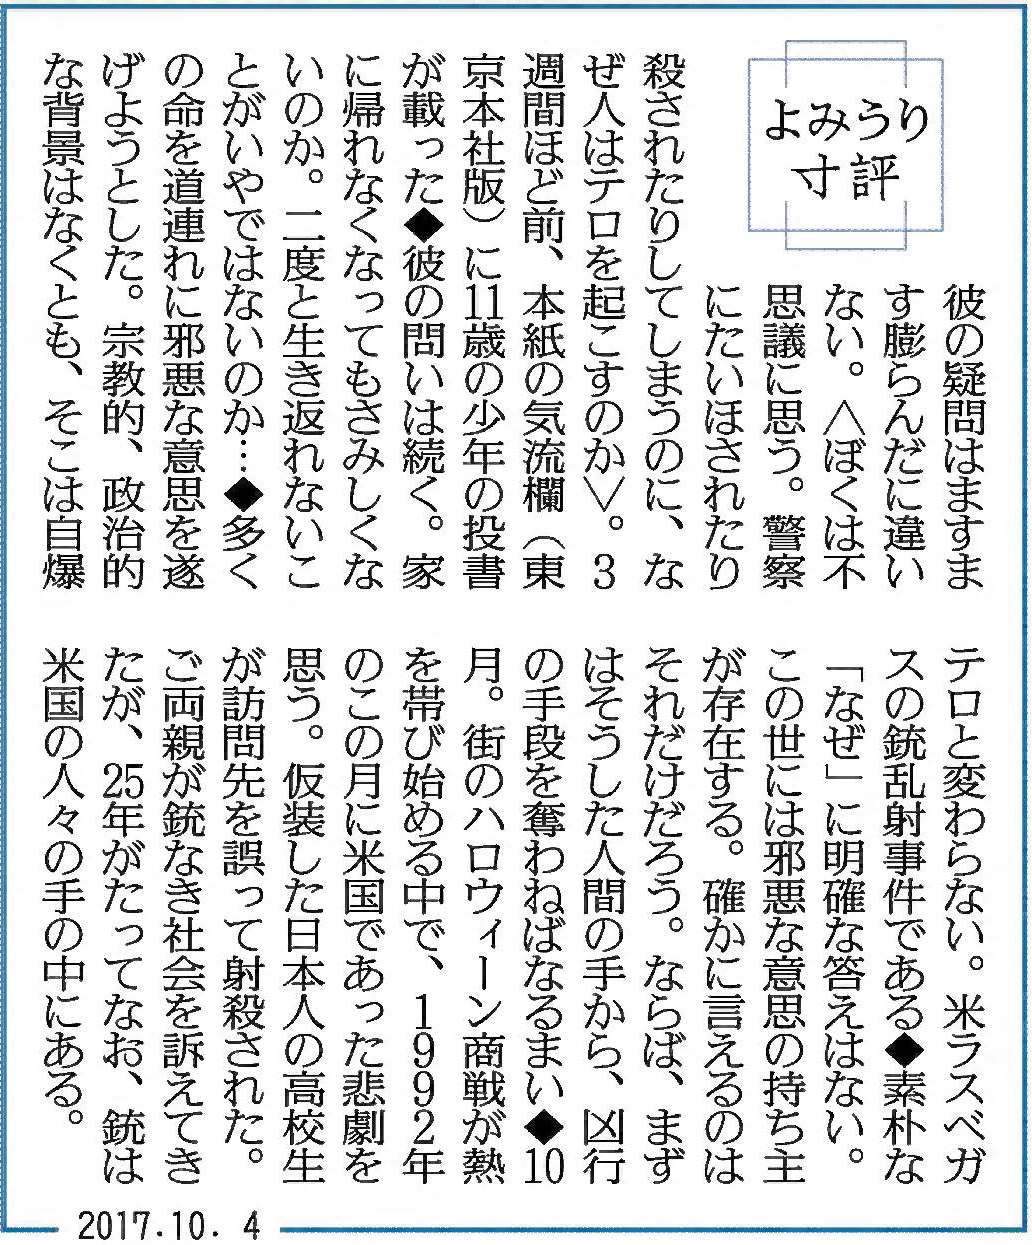 コラム 新聞